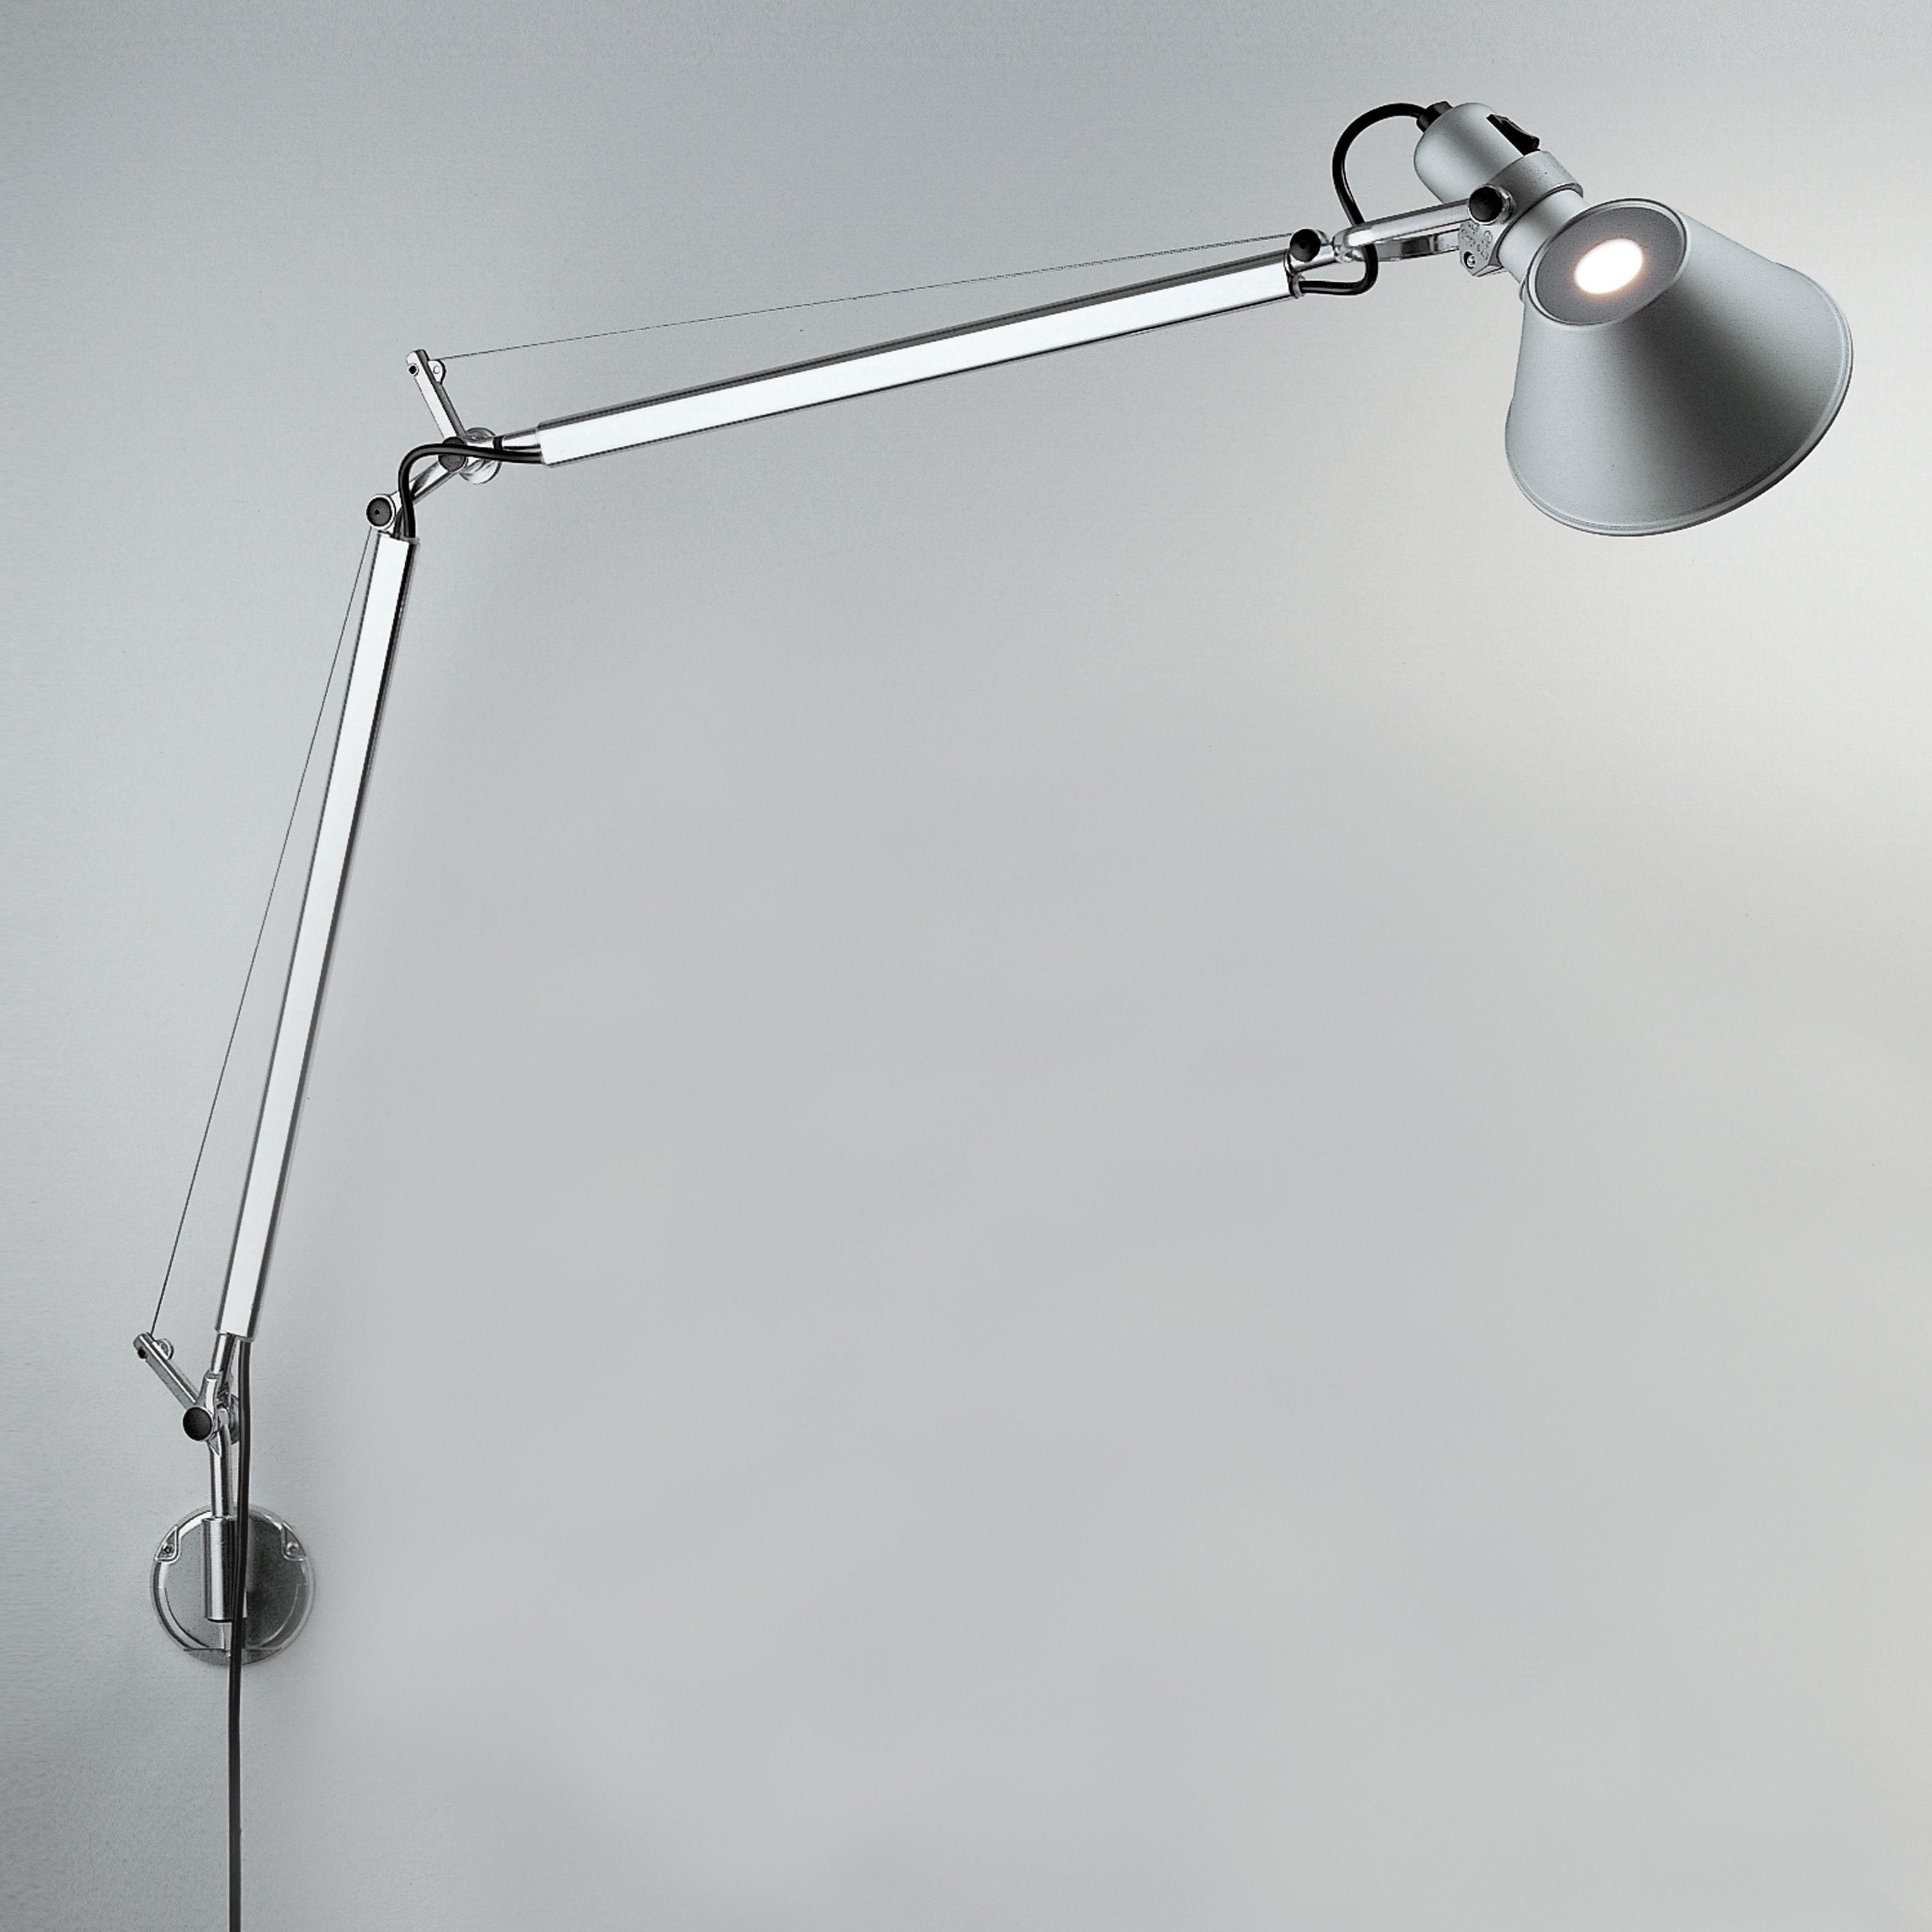 Luminaire - Appliques - Applique Tolomeo Wall LED / Bras articulé - Artemide - LED - Aluminium - Aluminium